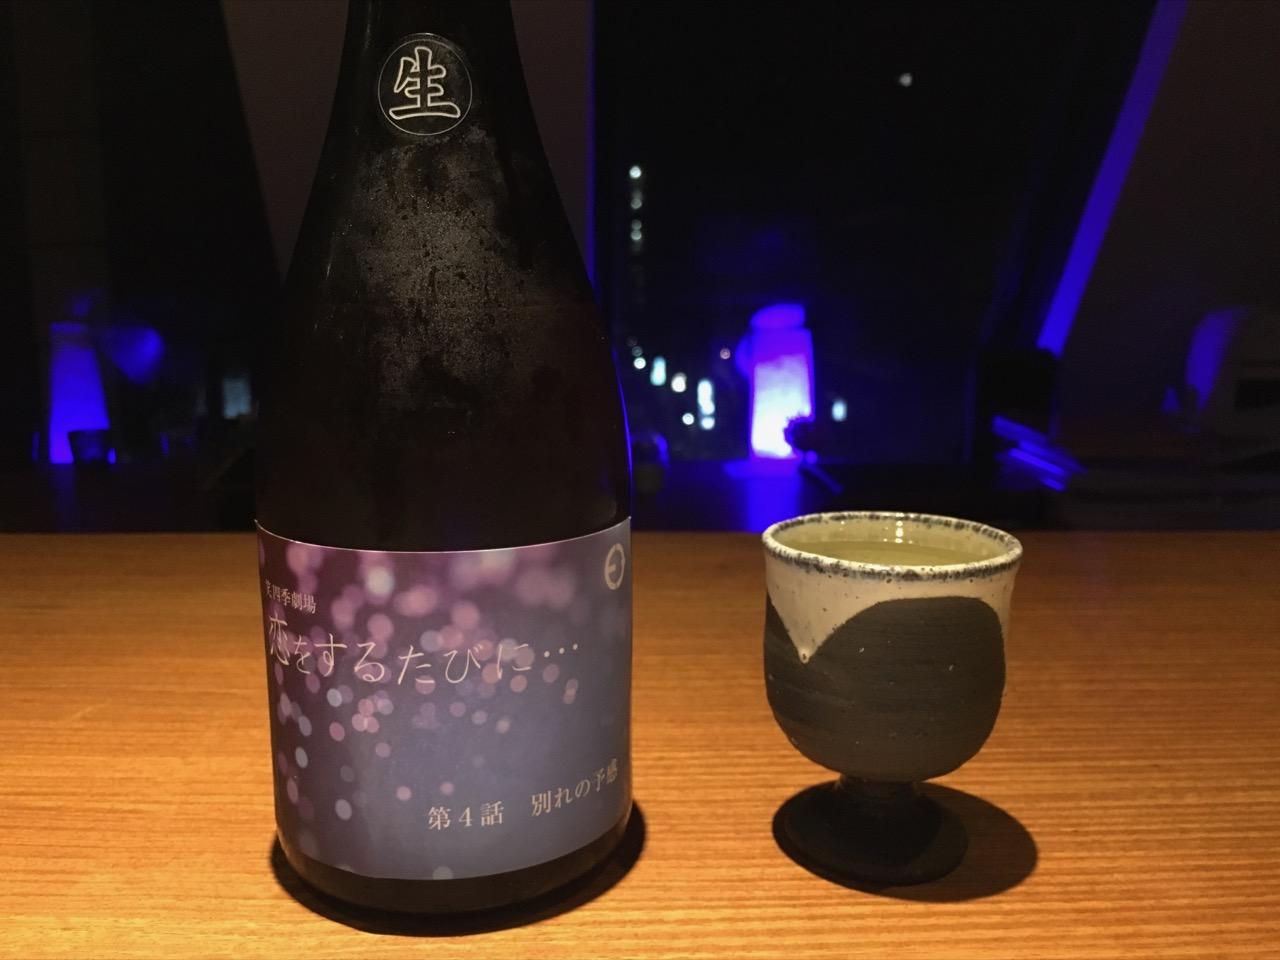 EMISHIKI「恋をするたびに… 第4話 別れの予感」日本酒テイスティングノート